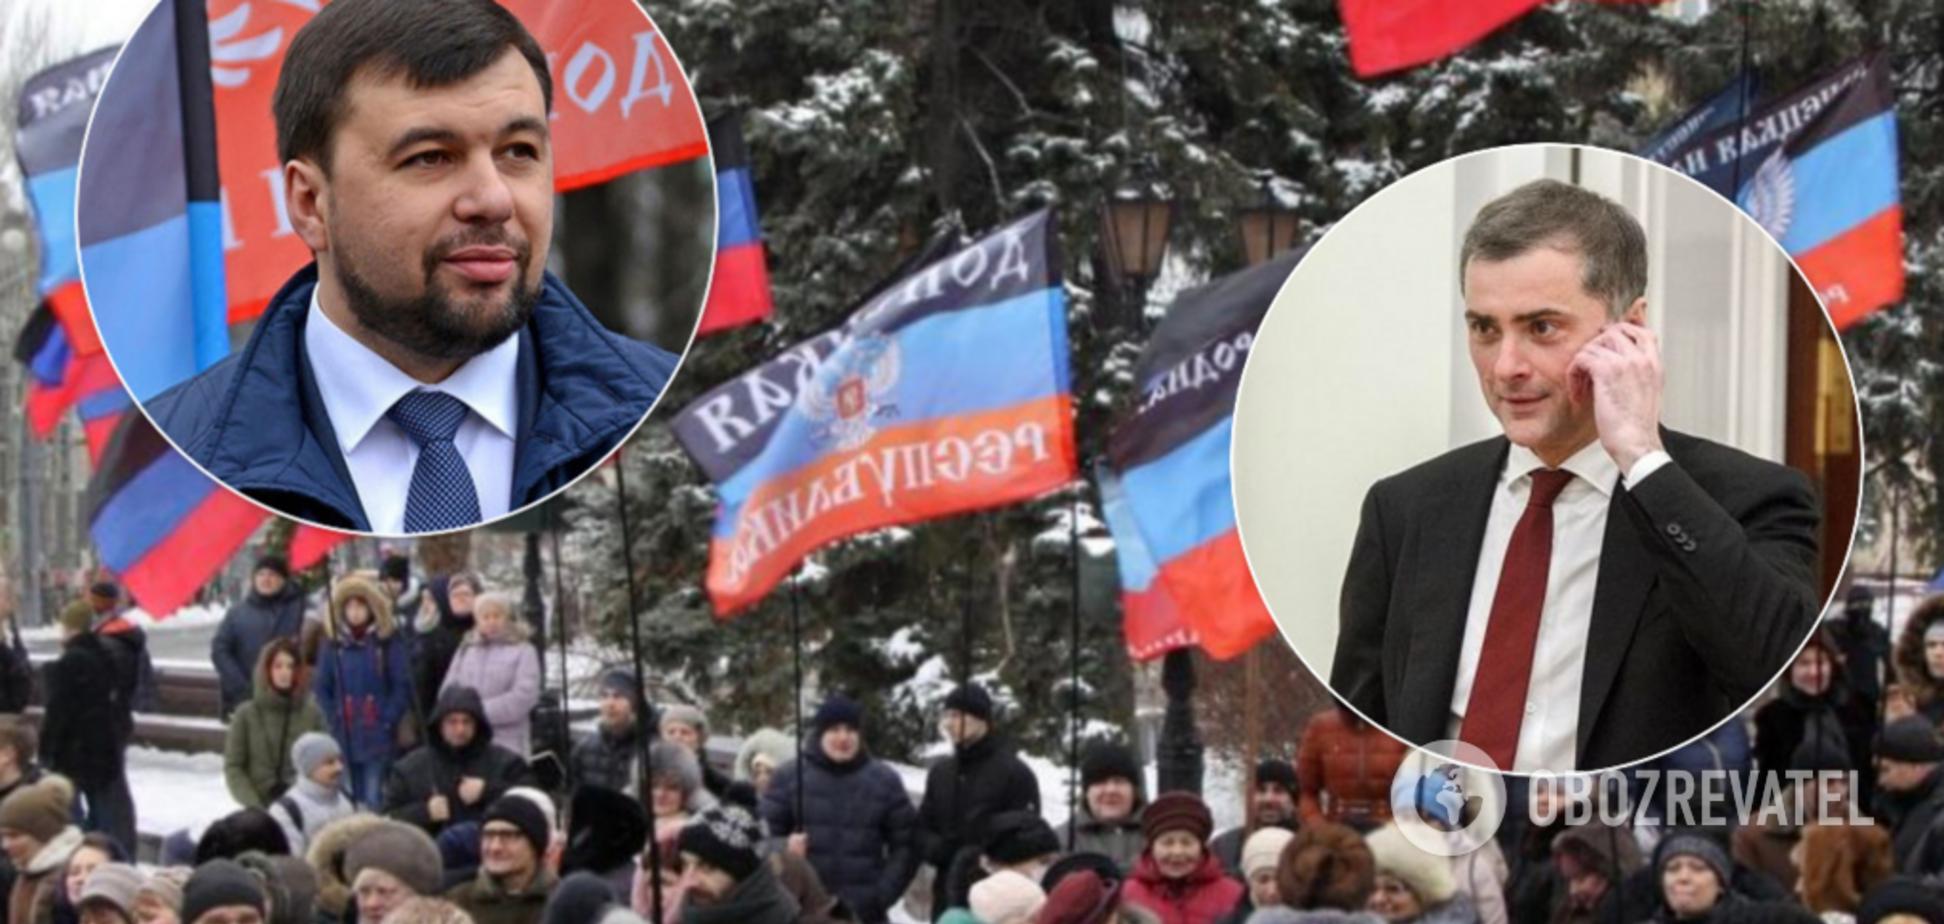 Вирішується доля Донбасу? Ватажок 'ДНР' Пушилін раптово покинув Донецьк